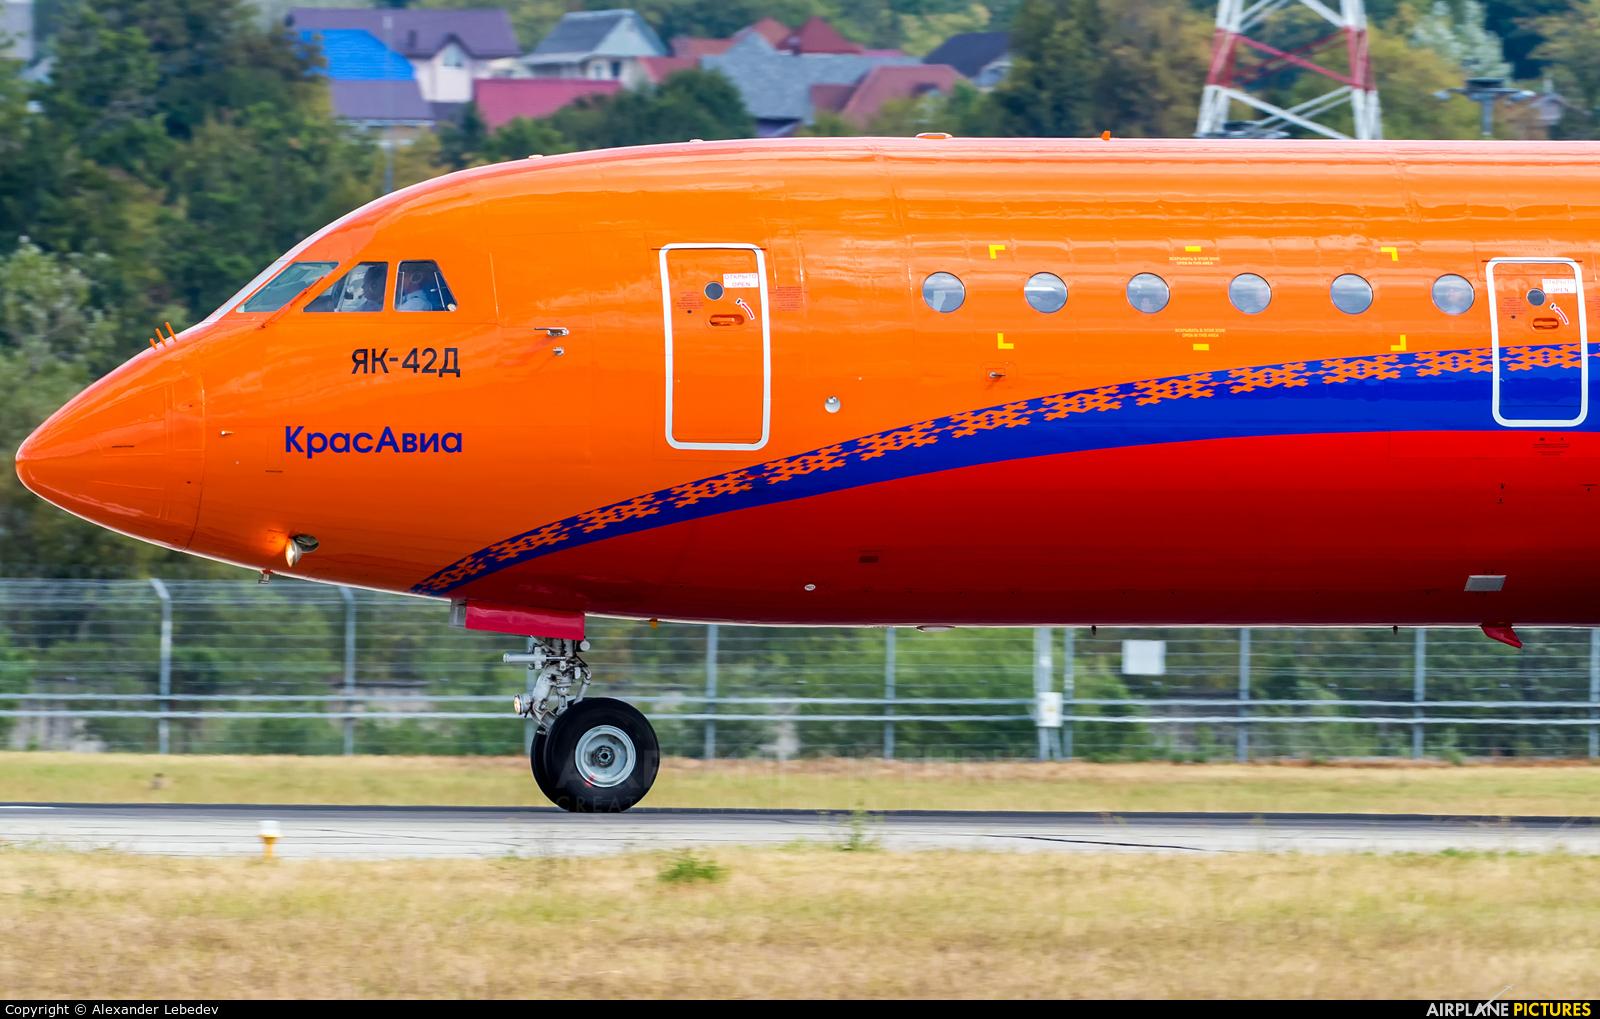 KrasAvia RA-42388 aircraft at Sochi Intl